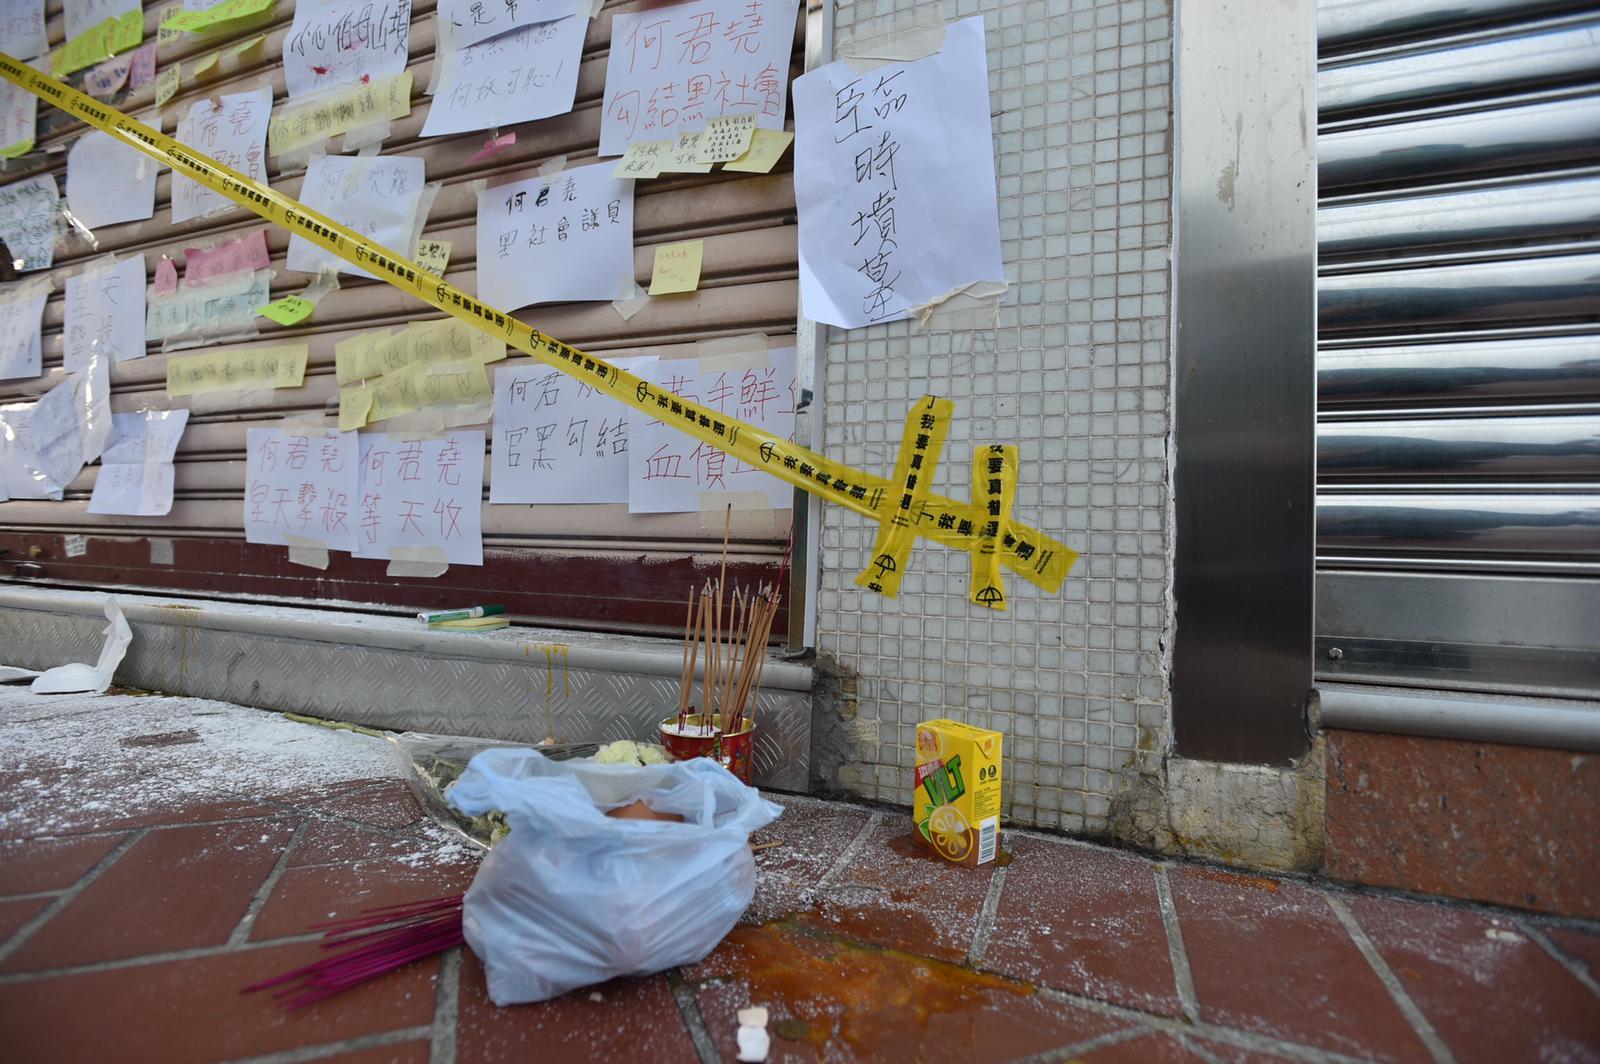 【元朗暴力】示威者轉戰屯門 何君堯辦事處提早落閘